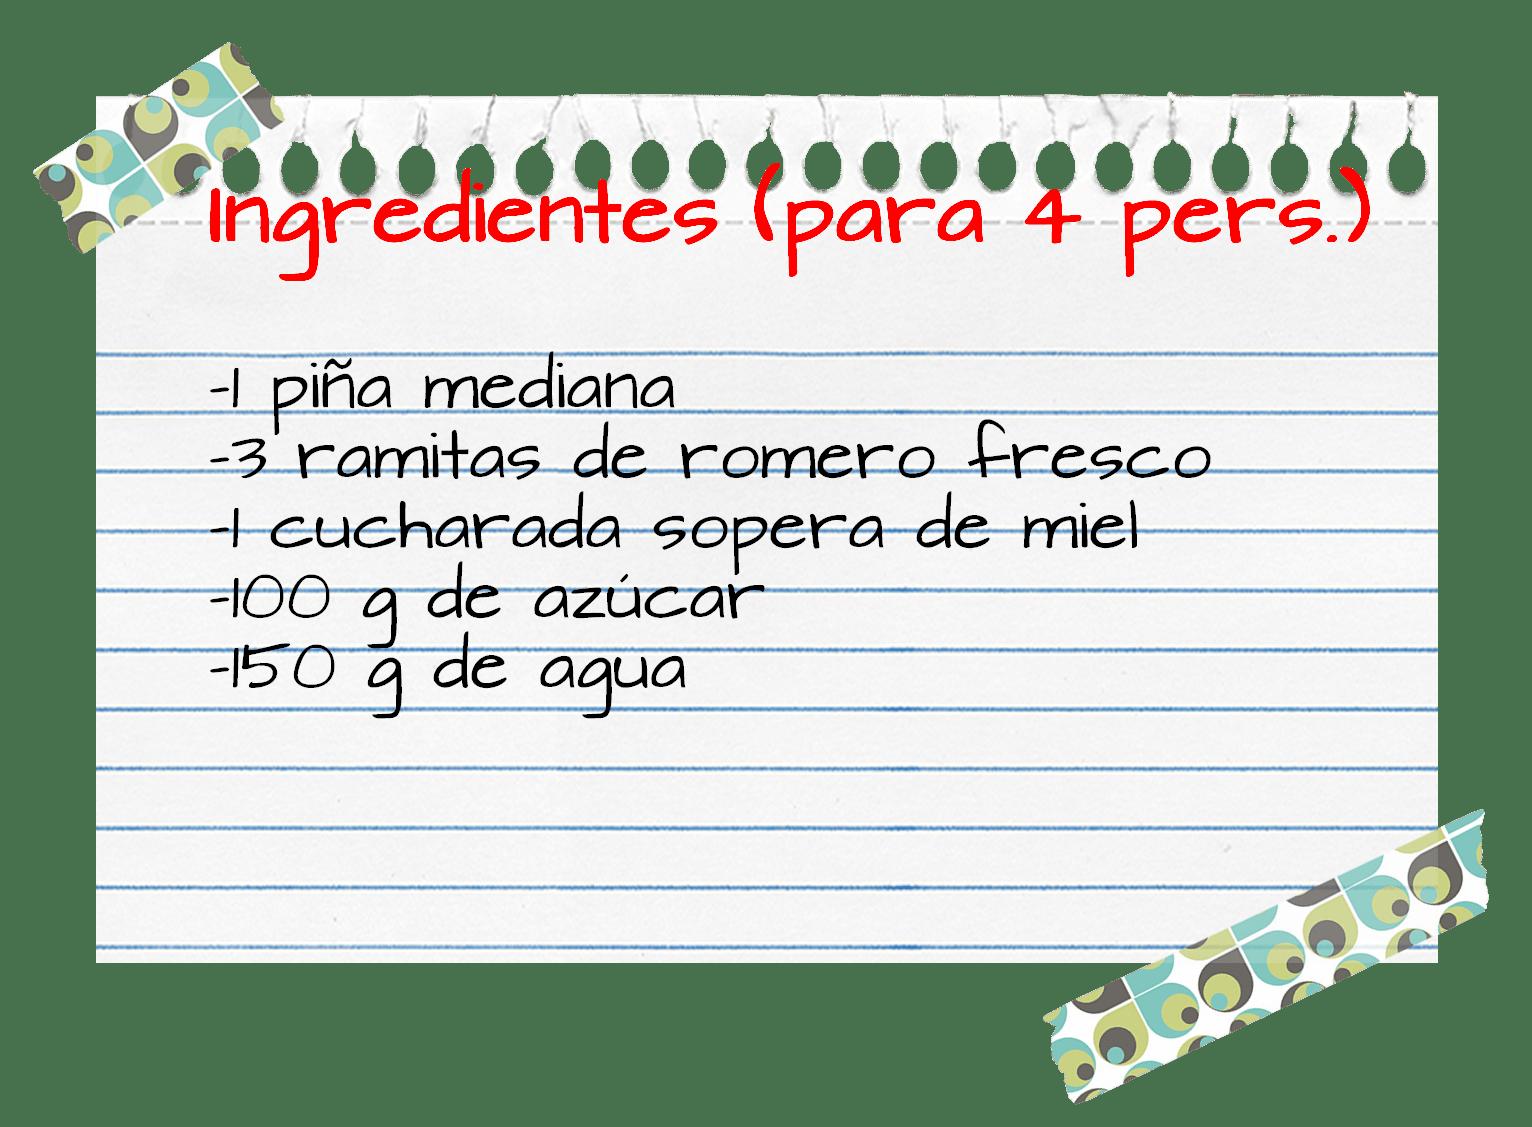 Ingredientes_sorbete_piña_romero